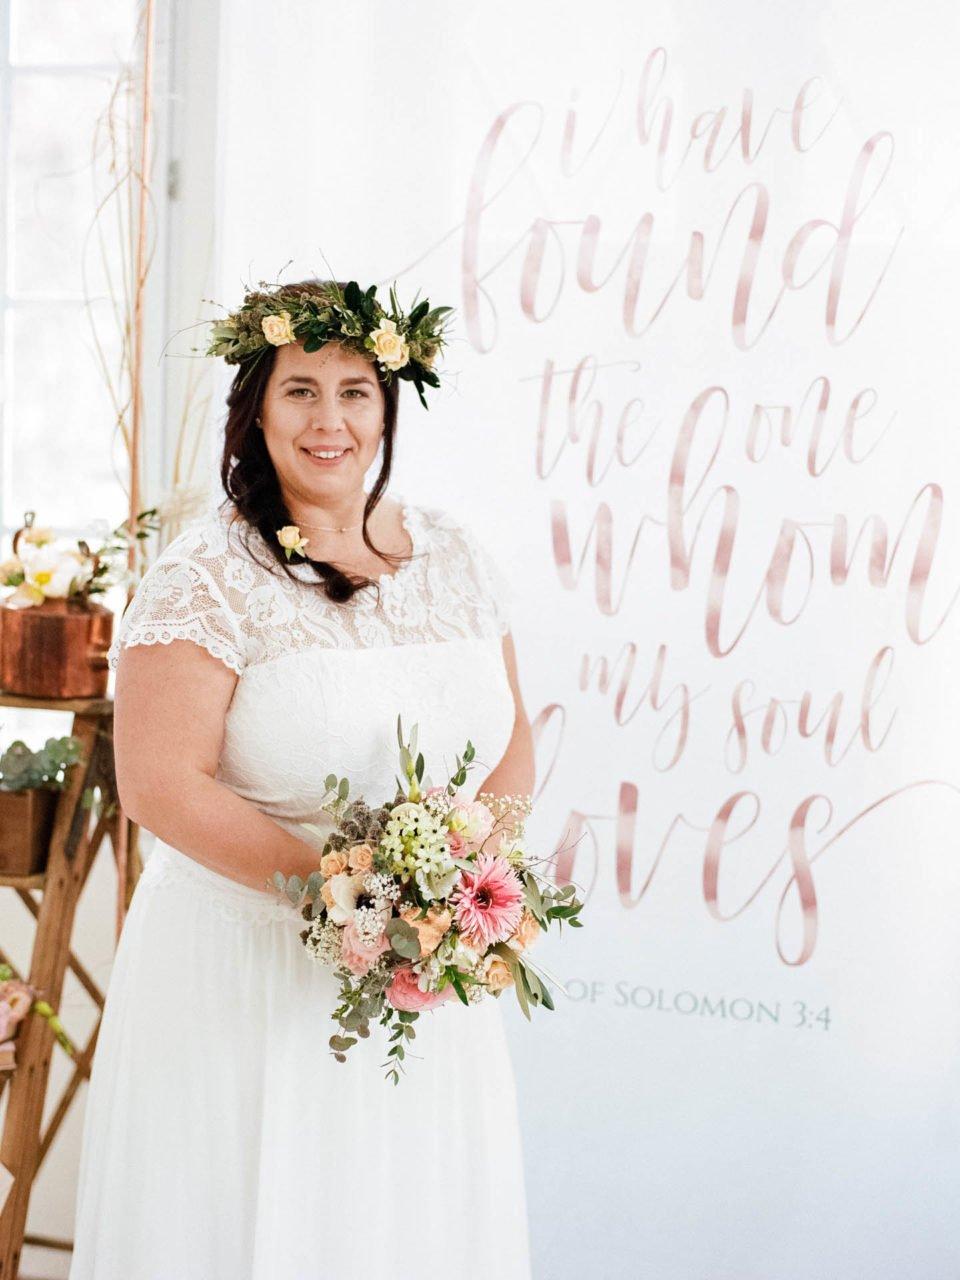 Plus Size Braut im Vintage Spitzenkleid mit Blumenkranz im Haar und Brautstrauß